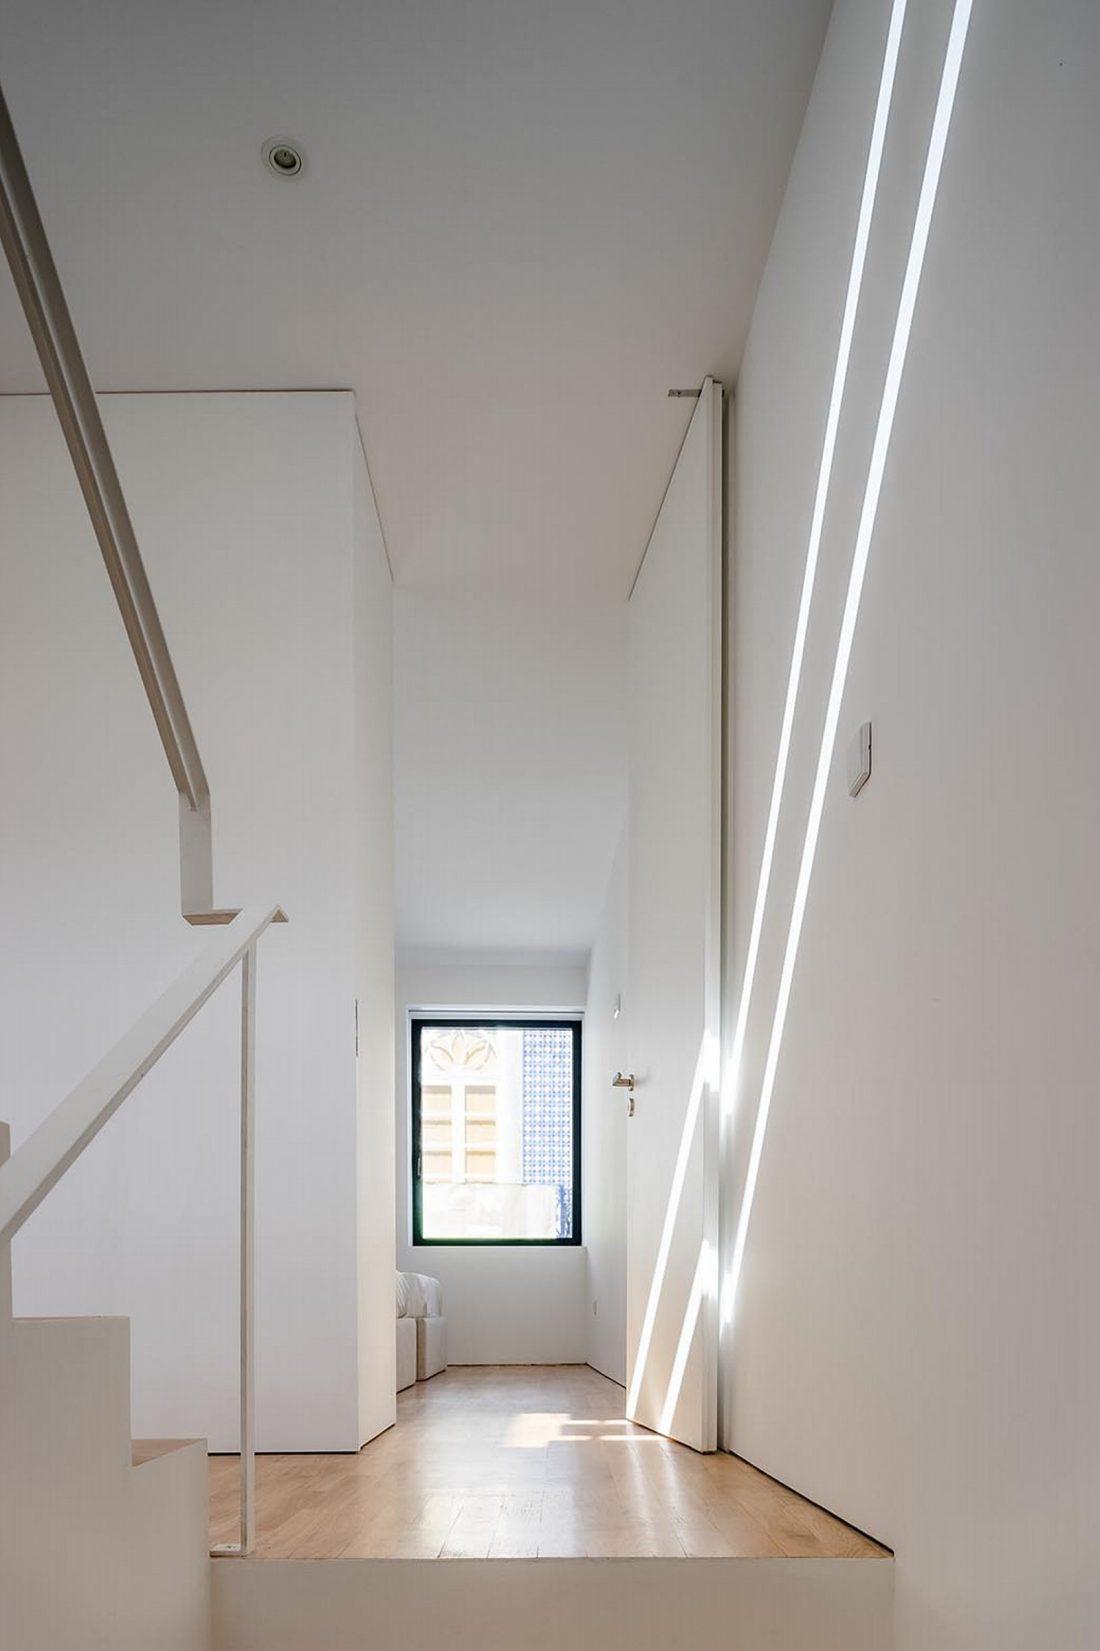 Реконструкция старинного дома Bonjardim House в Португалии по проекту ATKA arquitectos 27